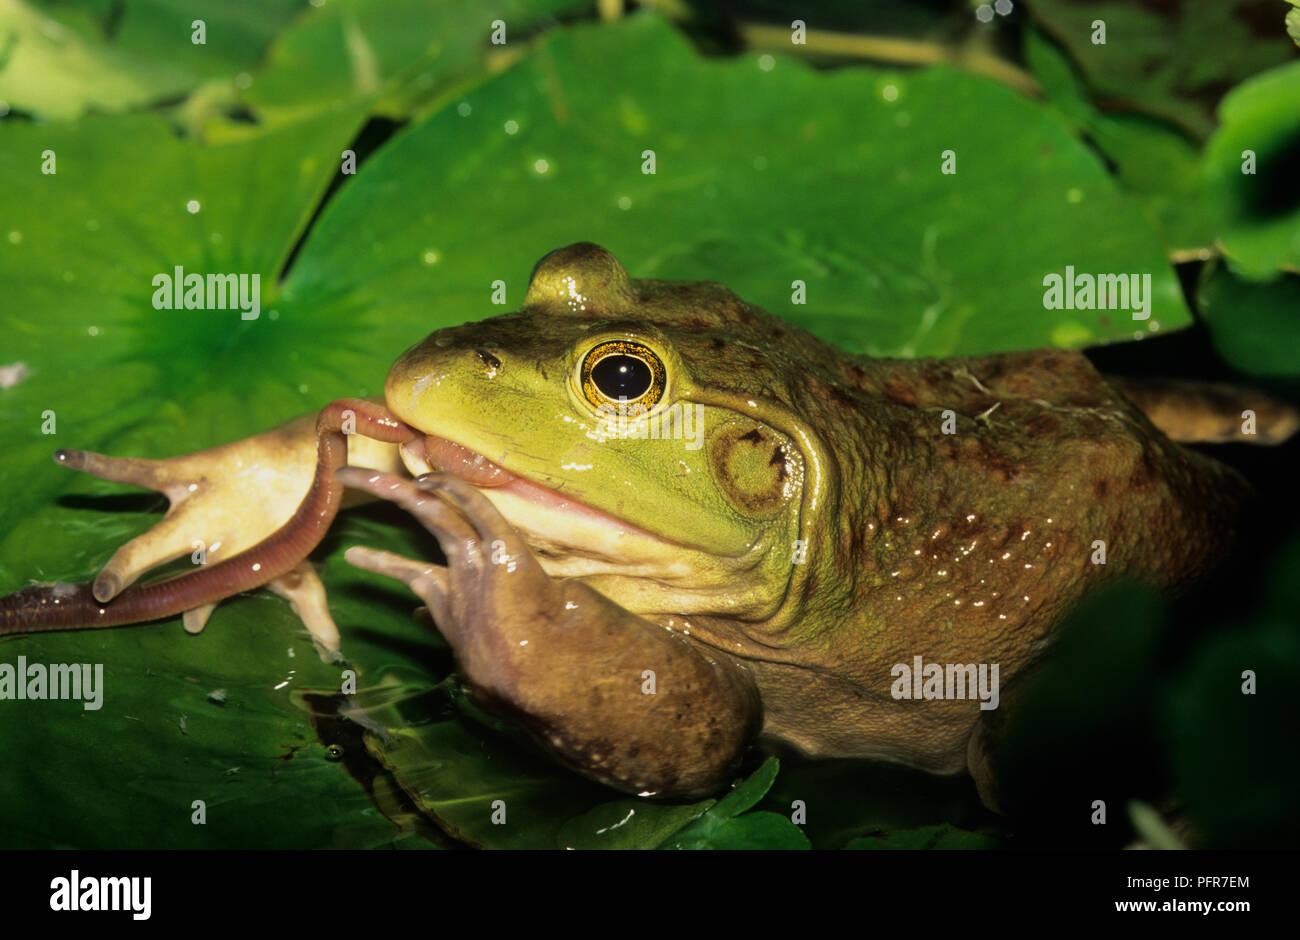 Le ouaouaron (Rana (Lithobates catesbeianus) ou catesbeianus) manger un ver de terre dans un marécage en SW Florida Banque D'Images